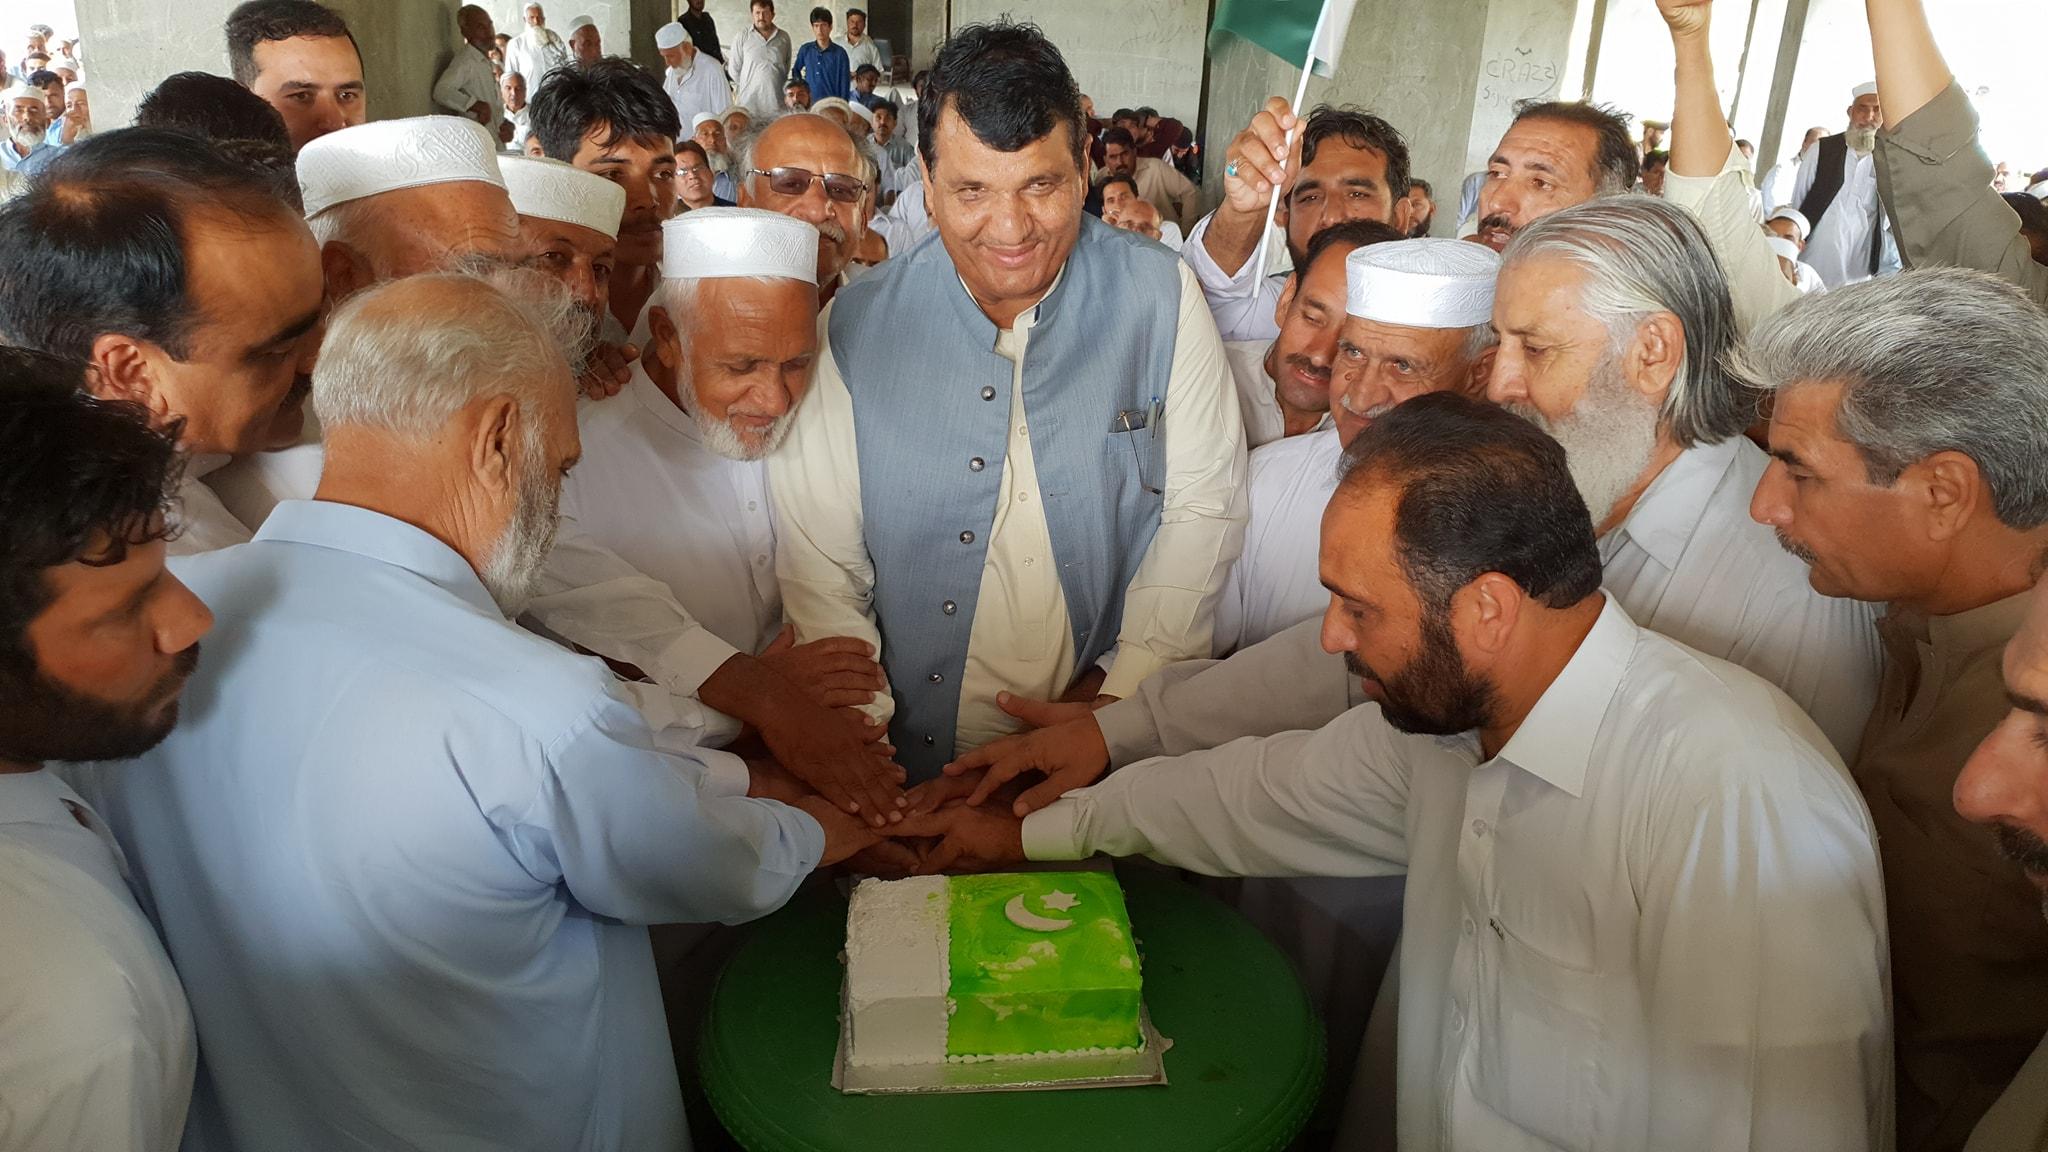 پی ایم ایل ن کے صوبائی صدر انجینئر امیر مقام نے سنگوٹہ میں جشن آزدی کا کیک کاٹا